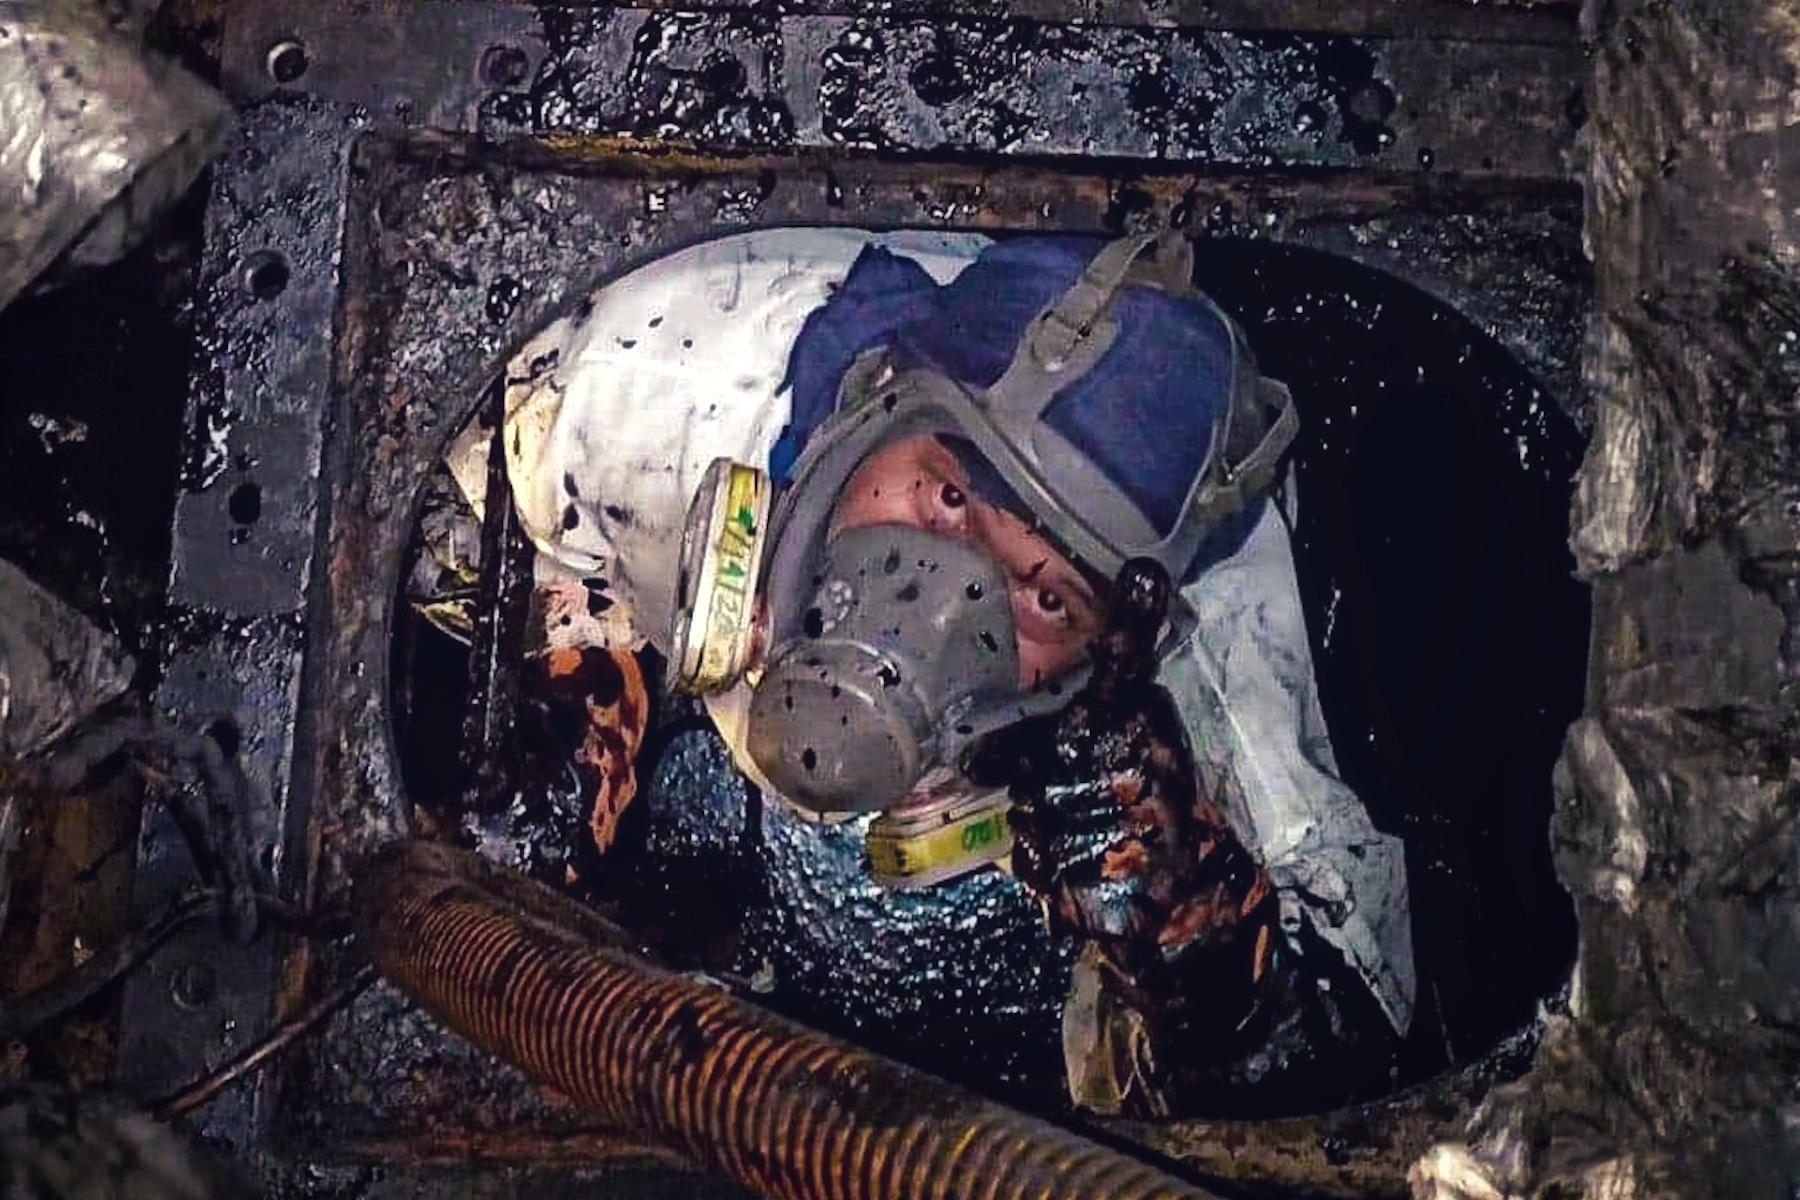 <p>La foto muestra a un padre (marinero) que se sacrifica y trabaja duro para mantener a su familia en medio de esta pandemia.<br />Fecha de la fotografía: 19 de enero de 2020.<br />Ubicación de la fotografía:N/A<br />Nombre del buque: Liberty of the Seas.<br />Nombre del marinero: Yrral Bryan S. Custodio.</p>